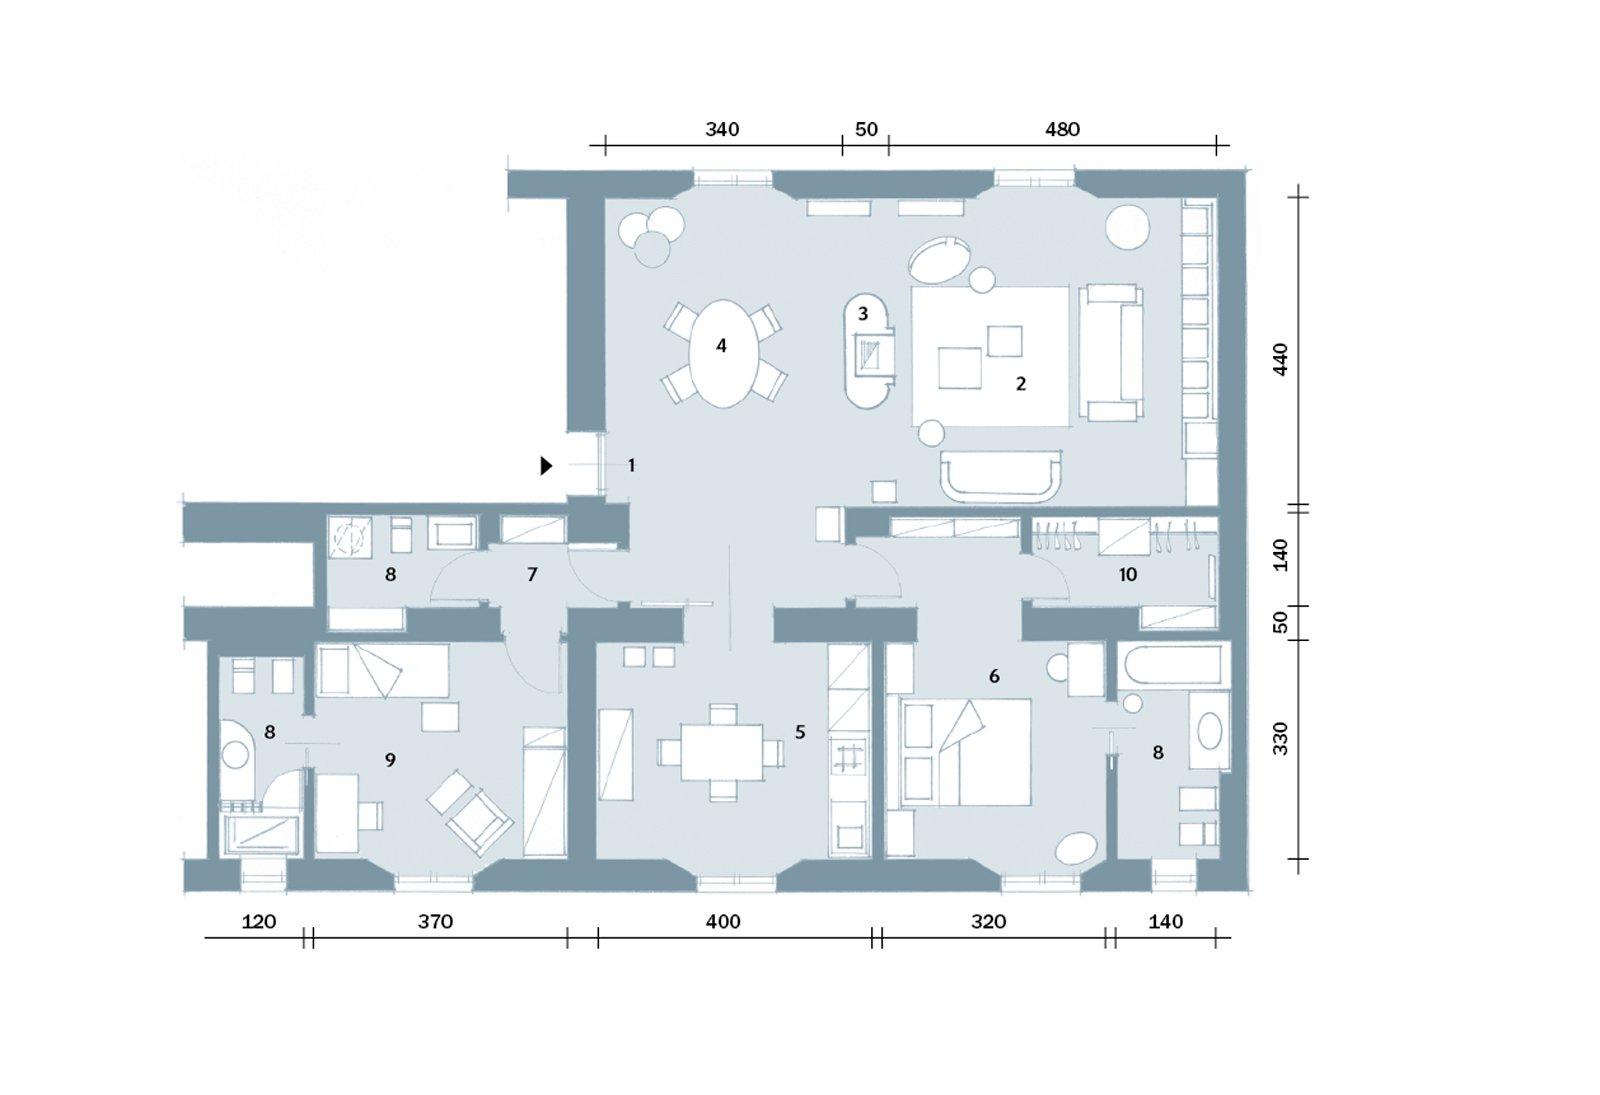 ispirazioni pavimento Patio : Progetto: arch. Ilaria Novembre via F.lli Bronzetti 27 Milano,